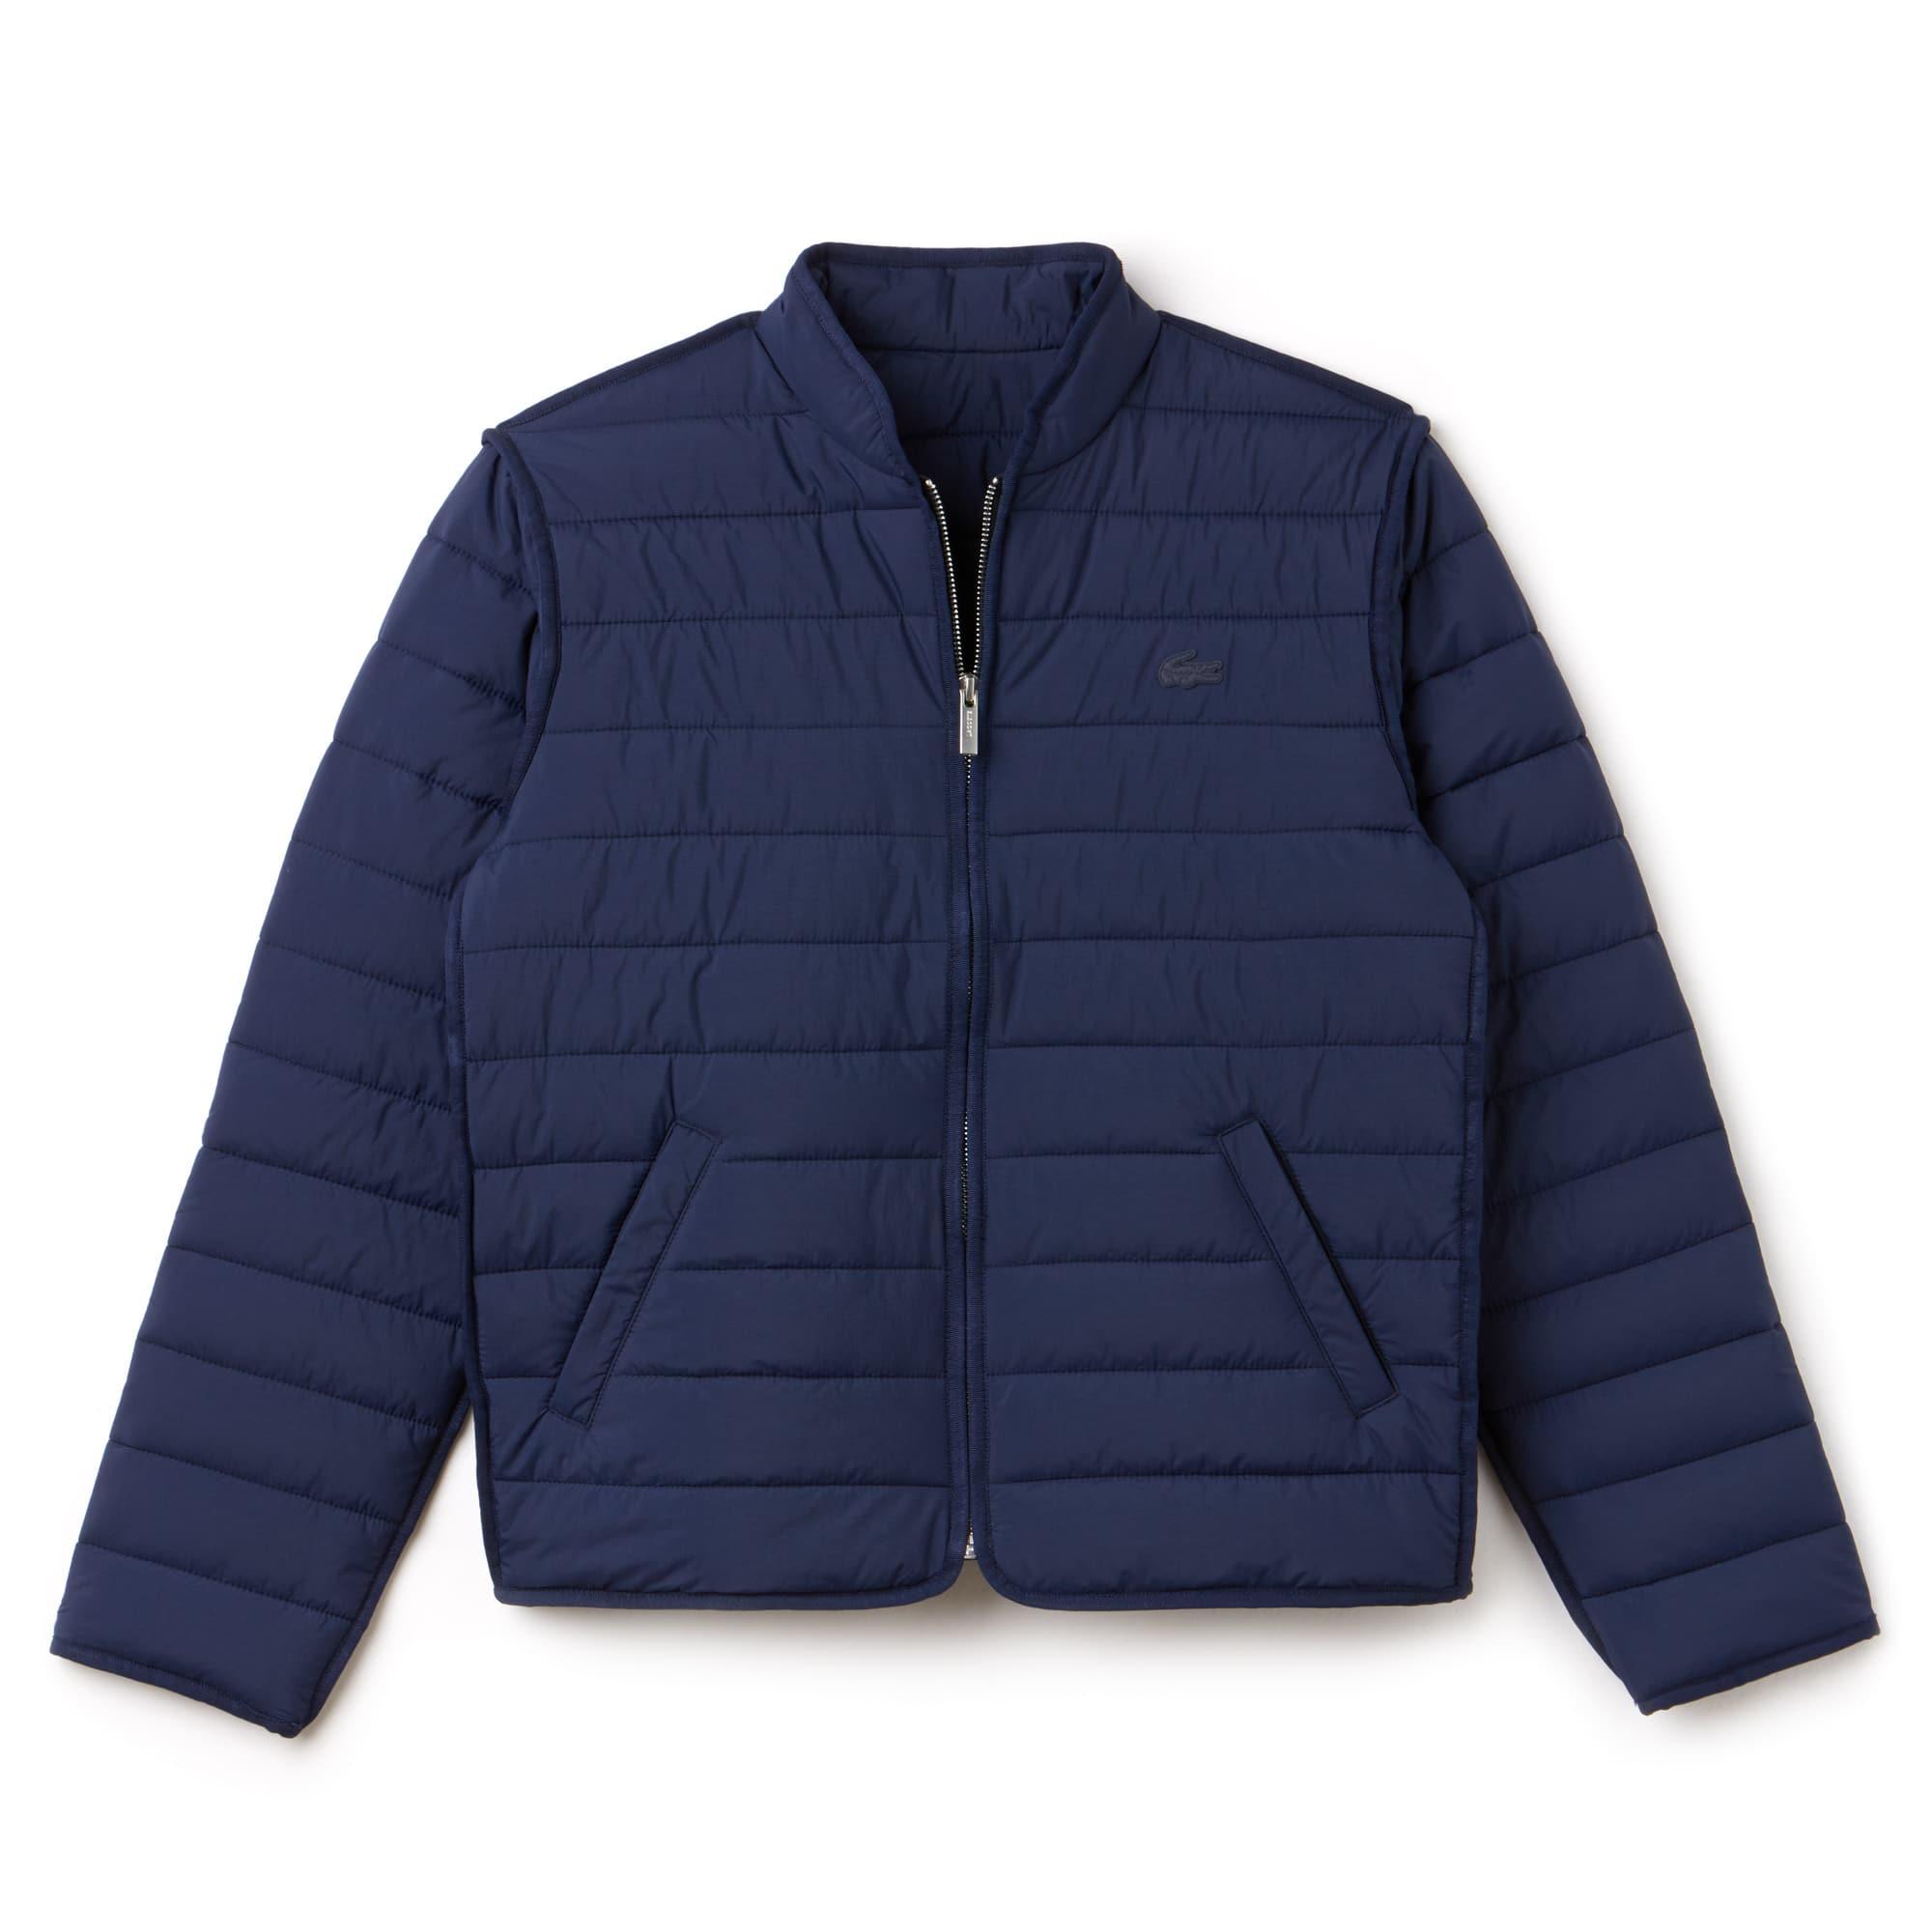 Damen-Jacke mit Reißverschluss aus weichem Taft